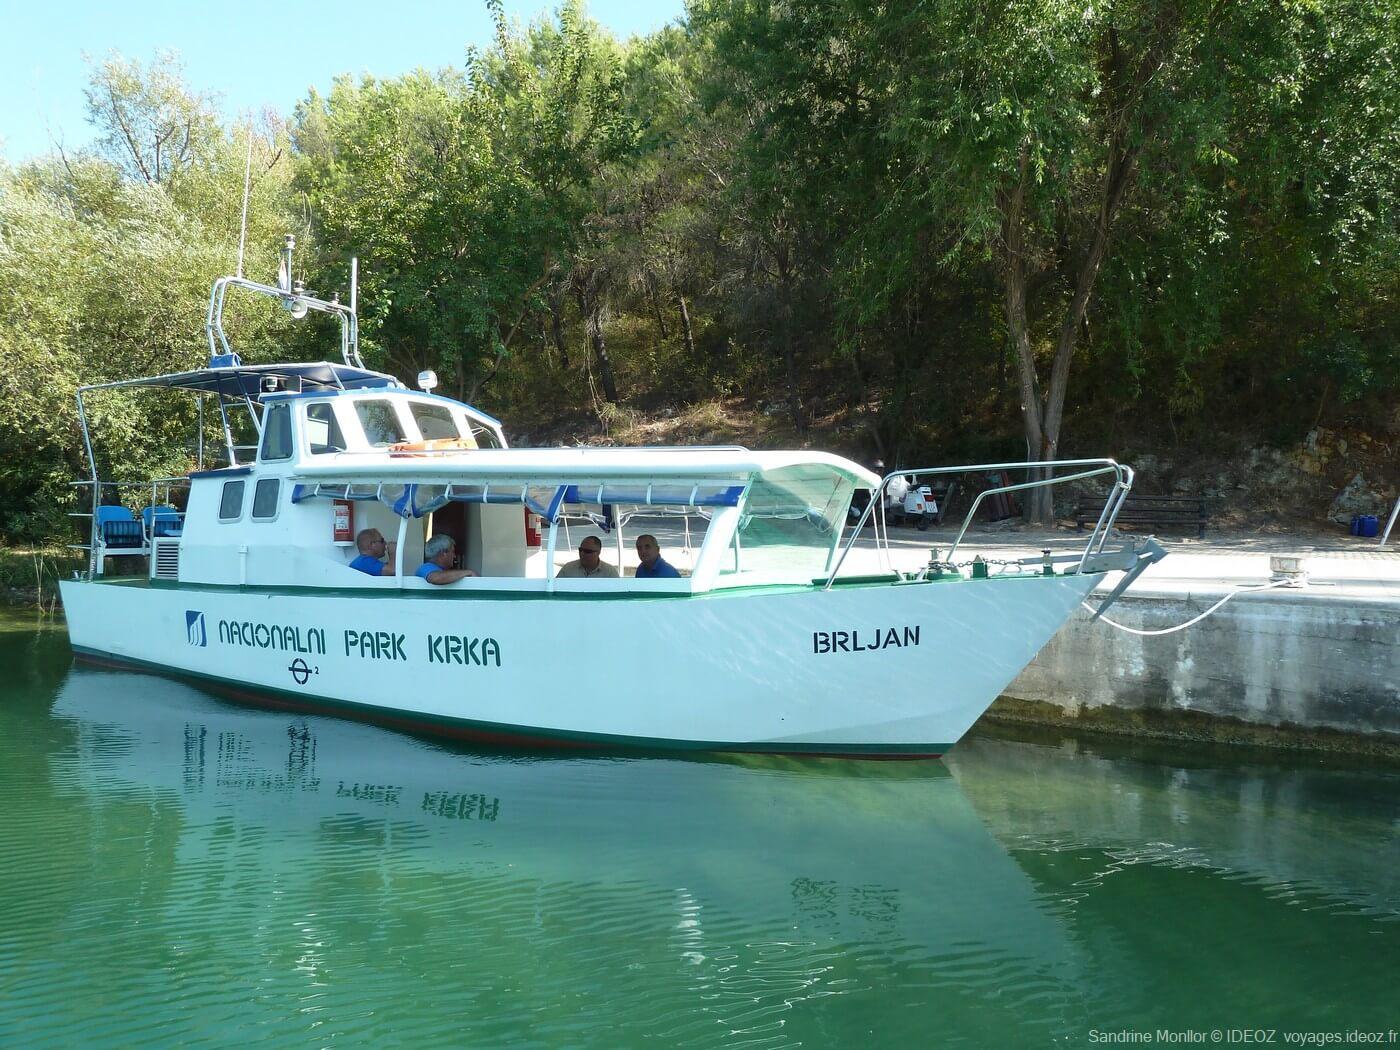 Bateau Brljan narional park krka excursion optionnelle jusqu'à roski spal (1)